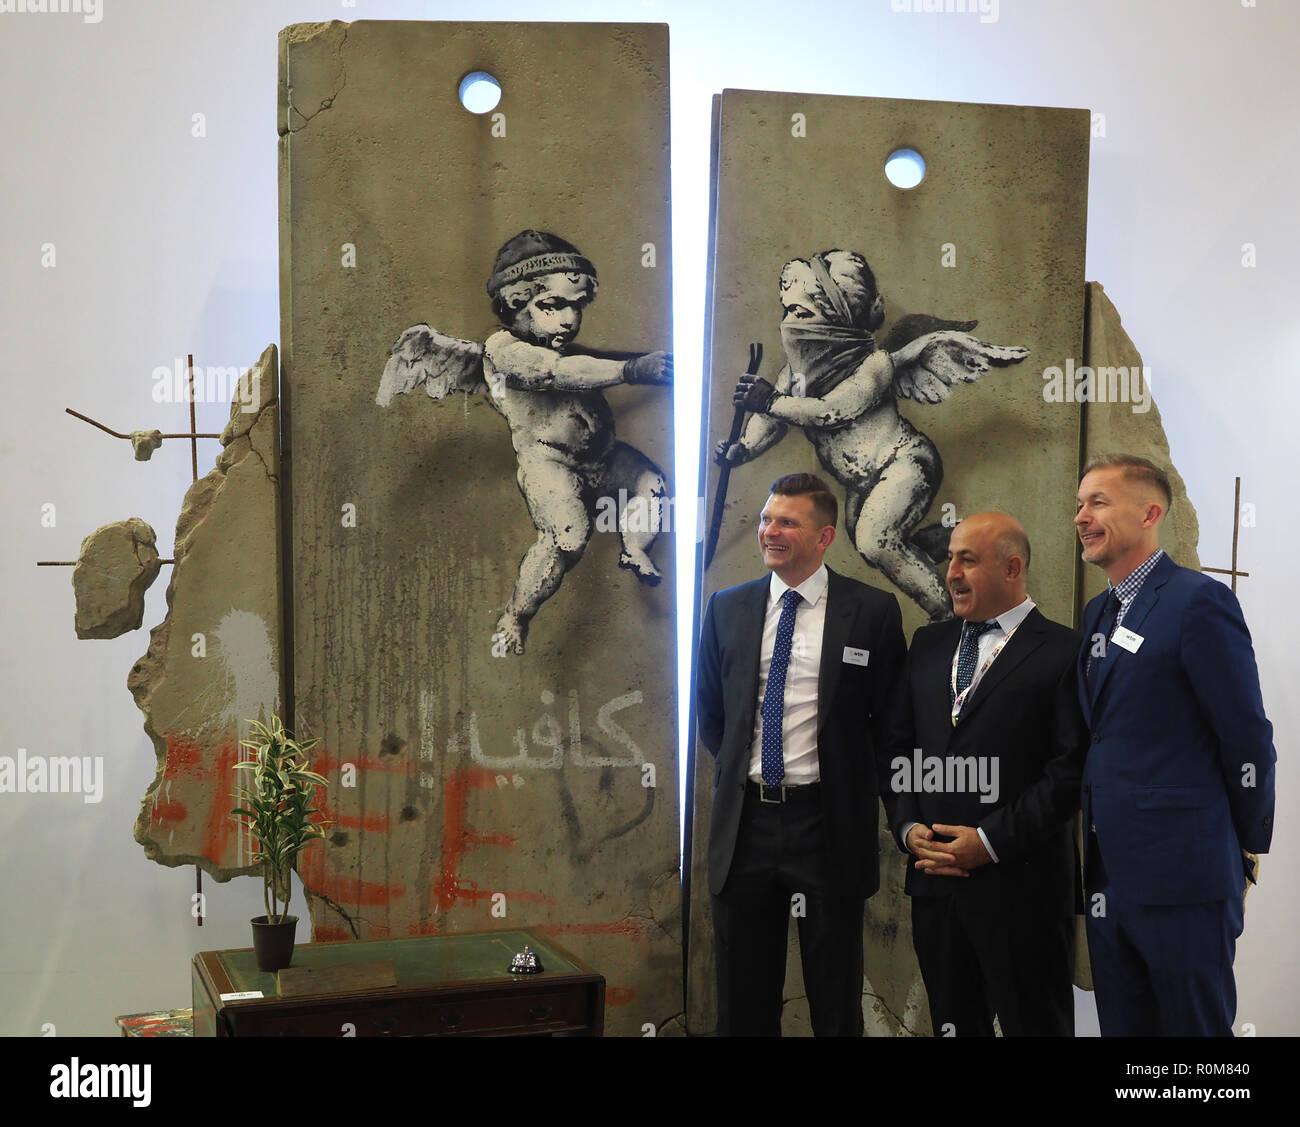 Excel, Londres, Royaume-Uni. 5 Nov 2018. Réplique de Banksy art sur la Palestine se tenir au World Travel Market, Excel, Londres, aujourd'hui (Lun): Crédit Finnbarr Webster/Alamy Live News Banque D'Images